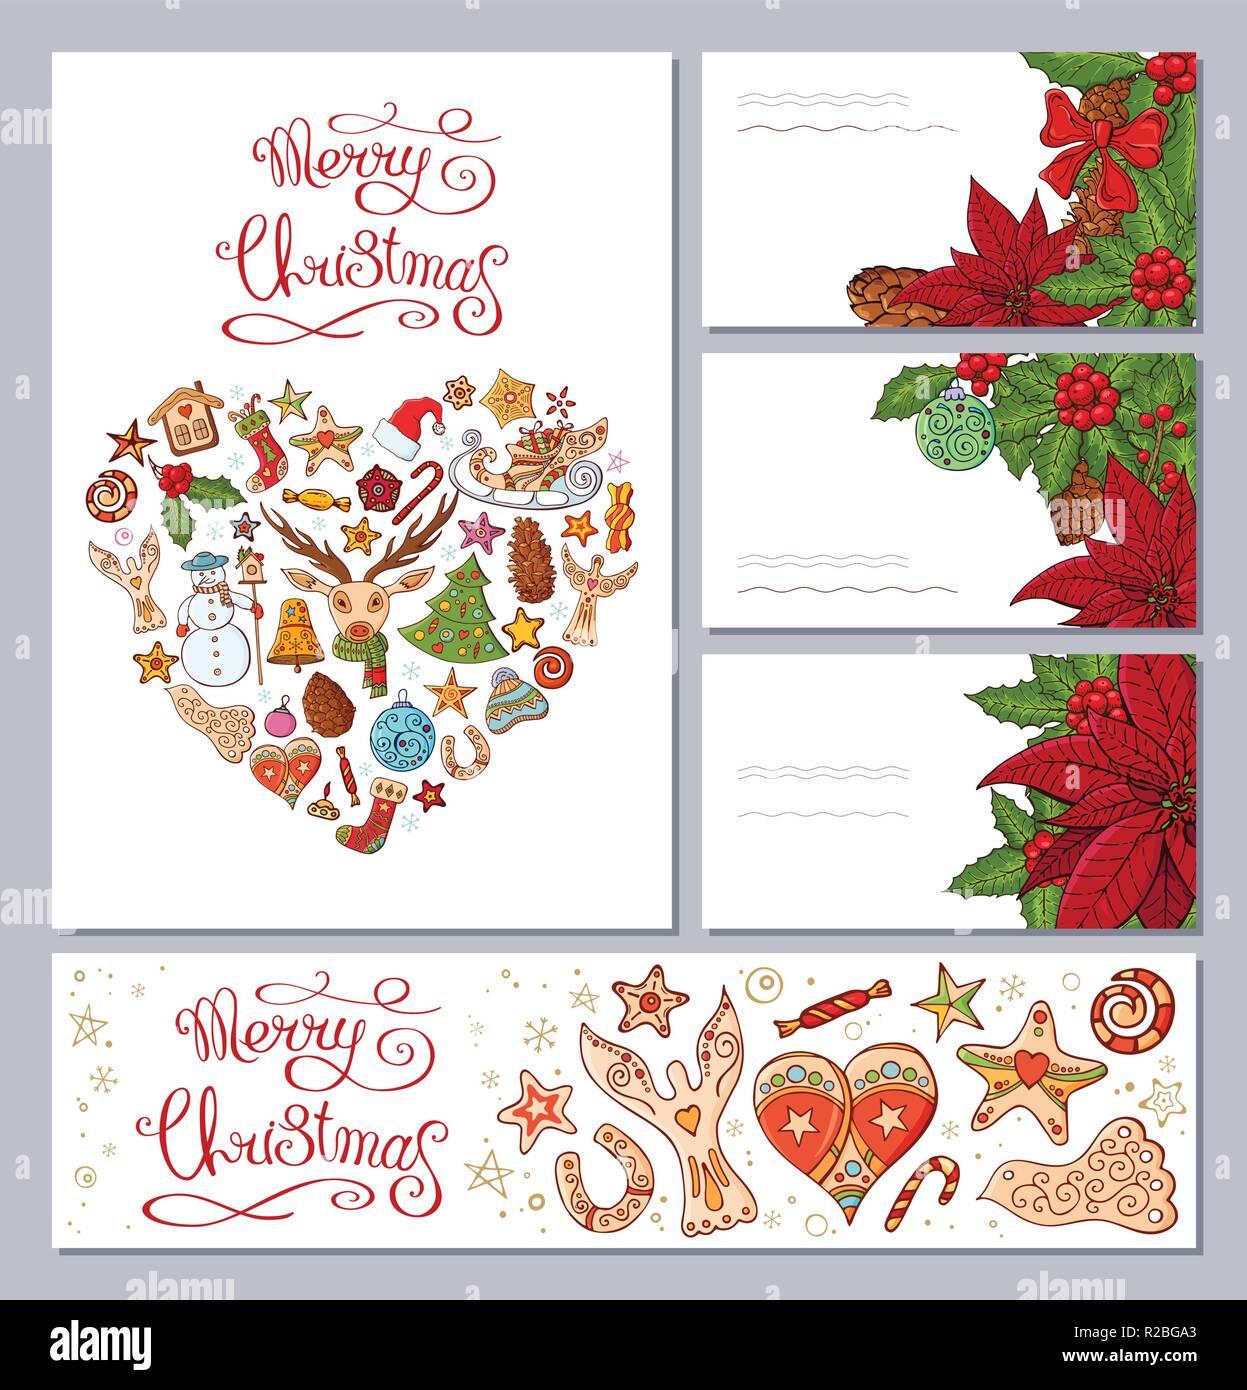 Biglietti Di Natale Modelli.Modelli Di Festa Con Diversi Tradizionali Simboli Di Natale E La